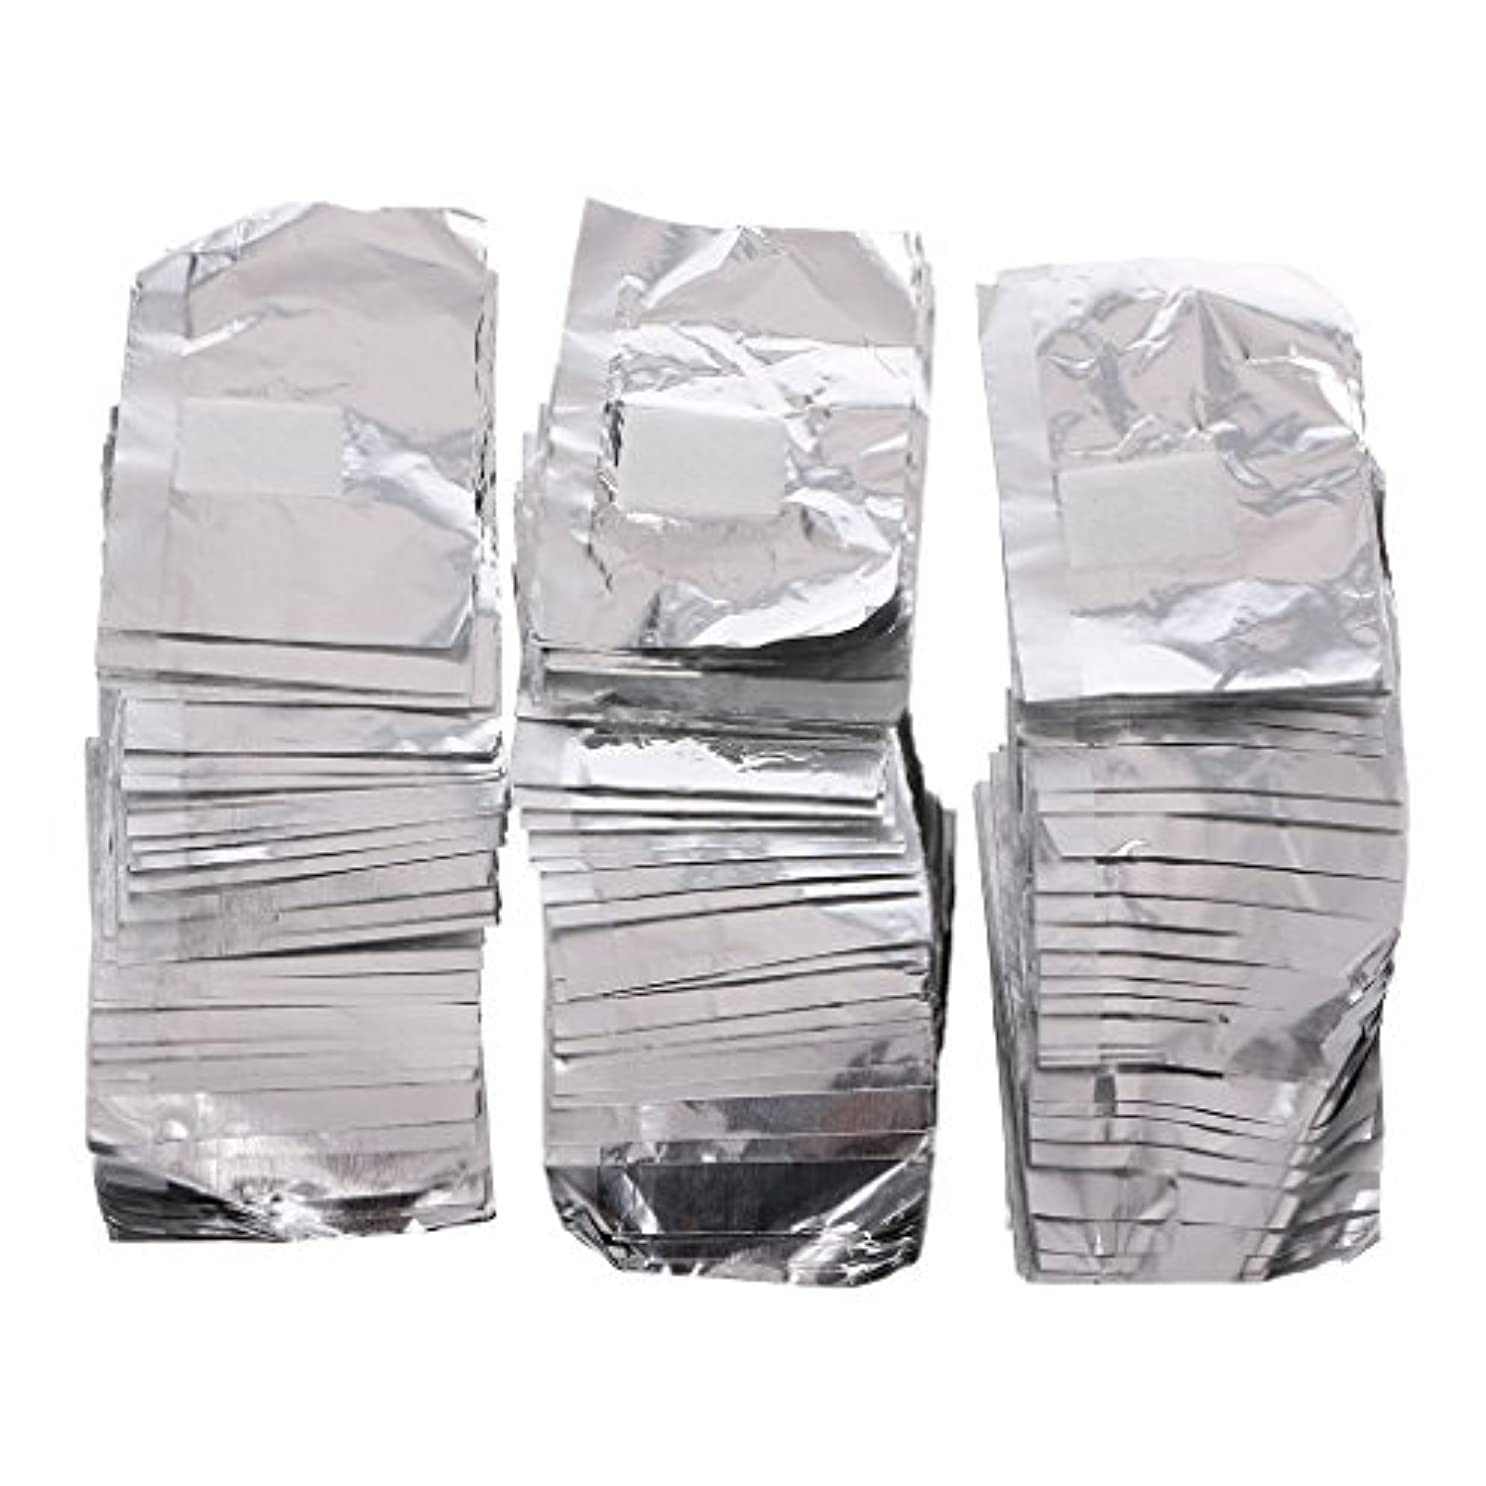 存在荒らすポップジャッキーネイルアートアンロード錫箔150Pcピースアルミ箔ネイルアートソークオフアクリルジェルポリッシュネイルラップリムーバー